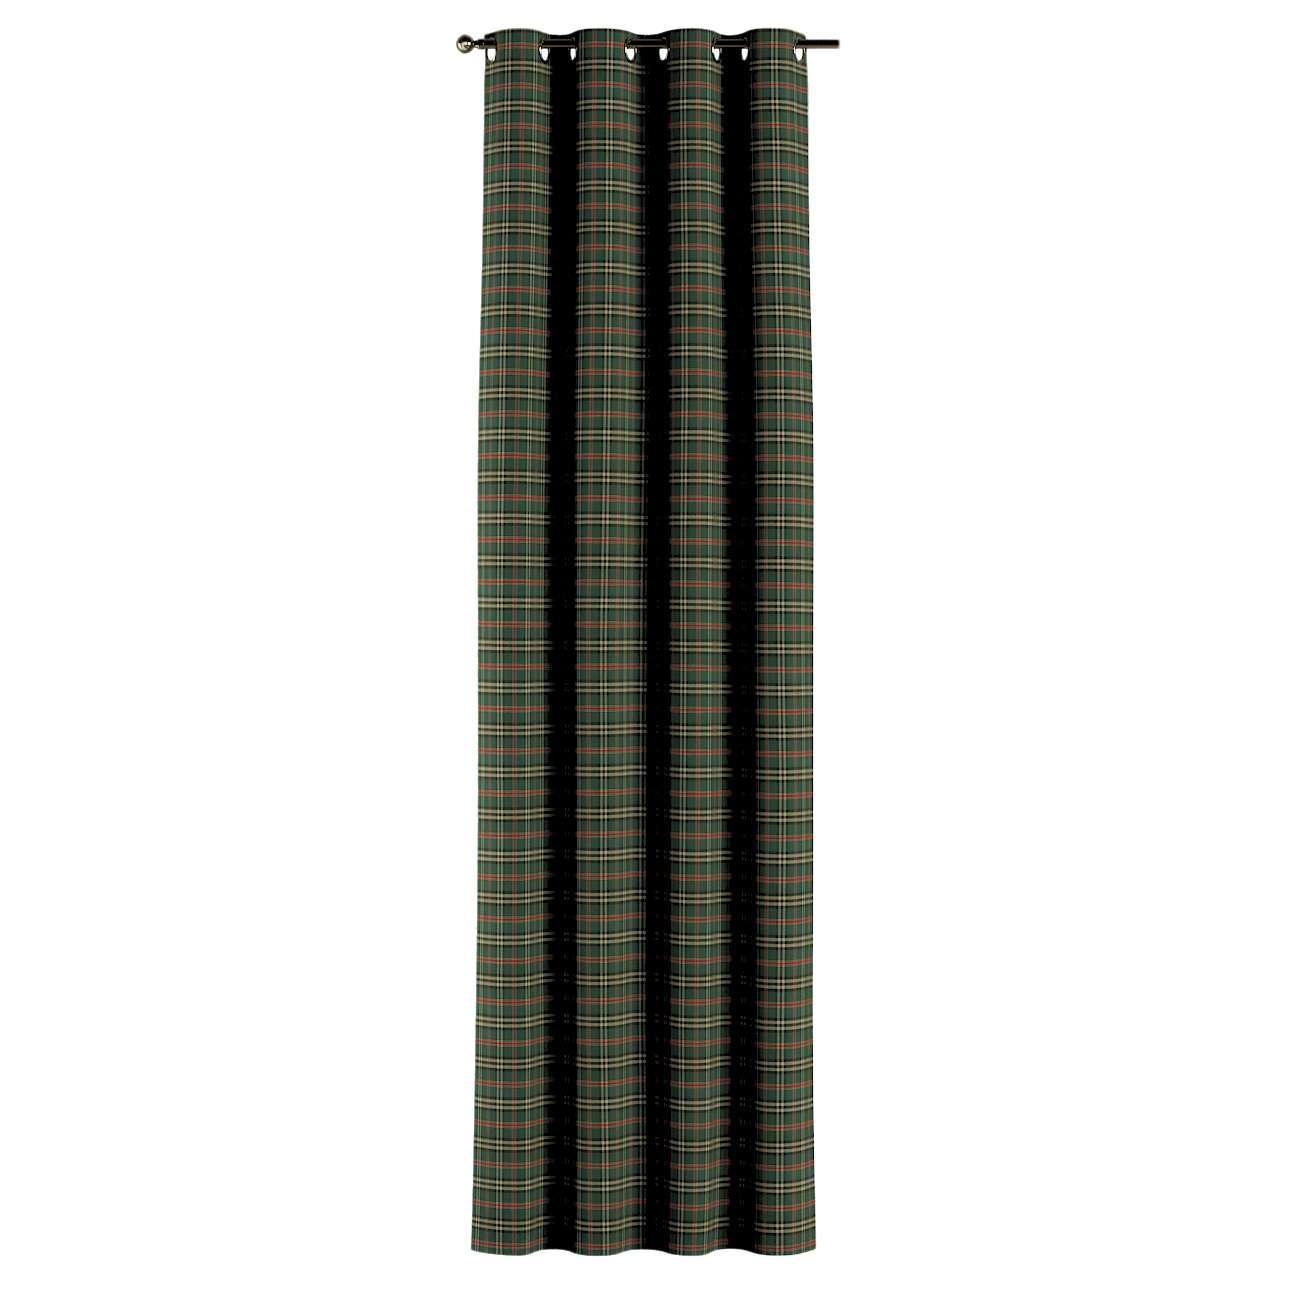 Zasłona na kółkach 1 szt. w kolekcji Bristol, tkanina: 142-69